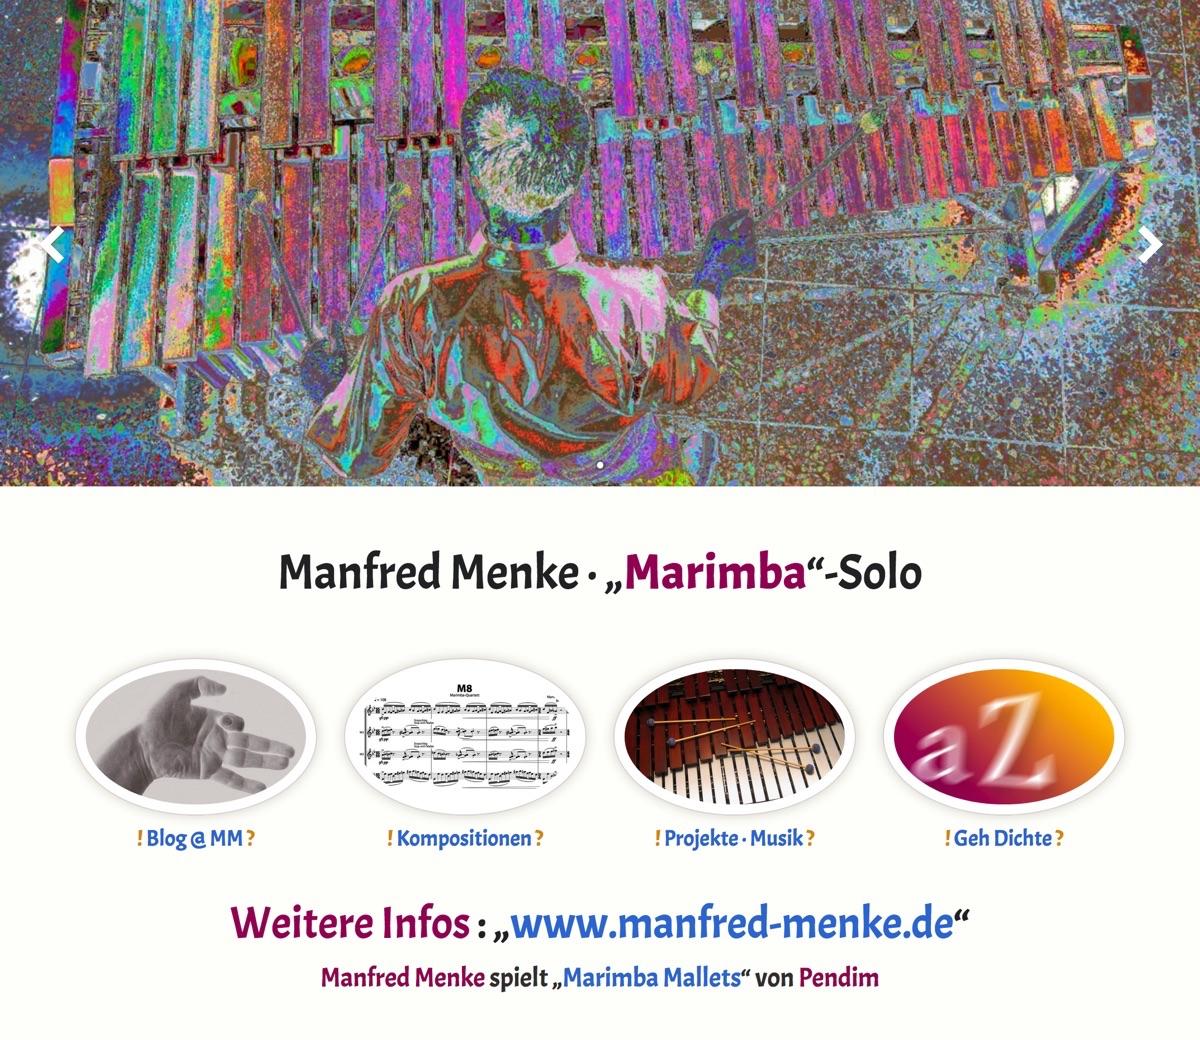 Marimba-Solo · Homepage 2015